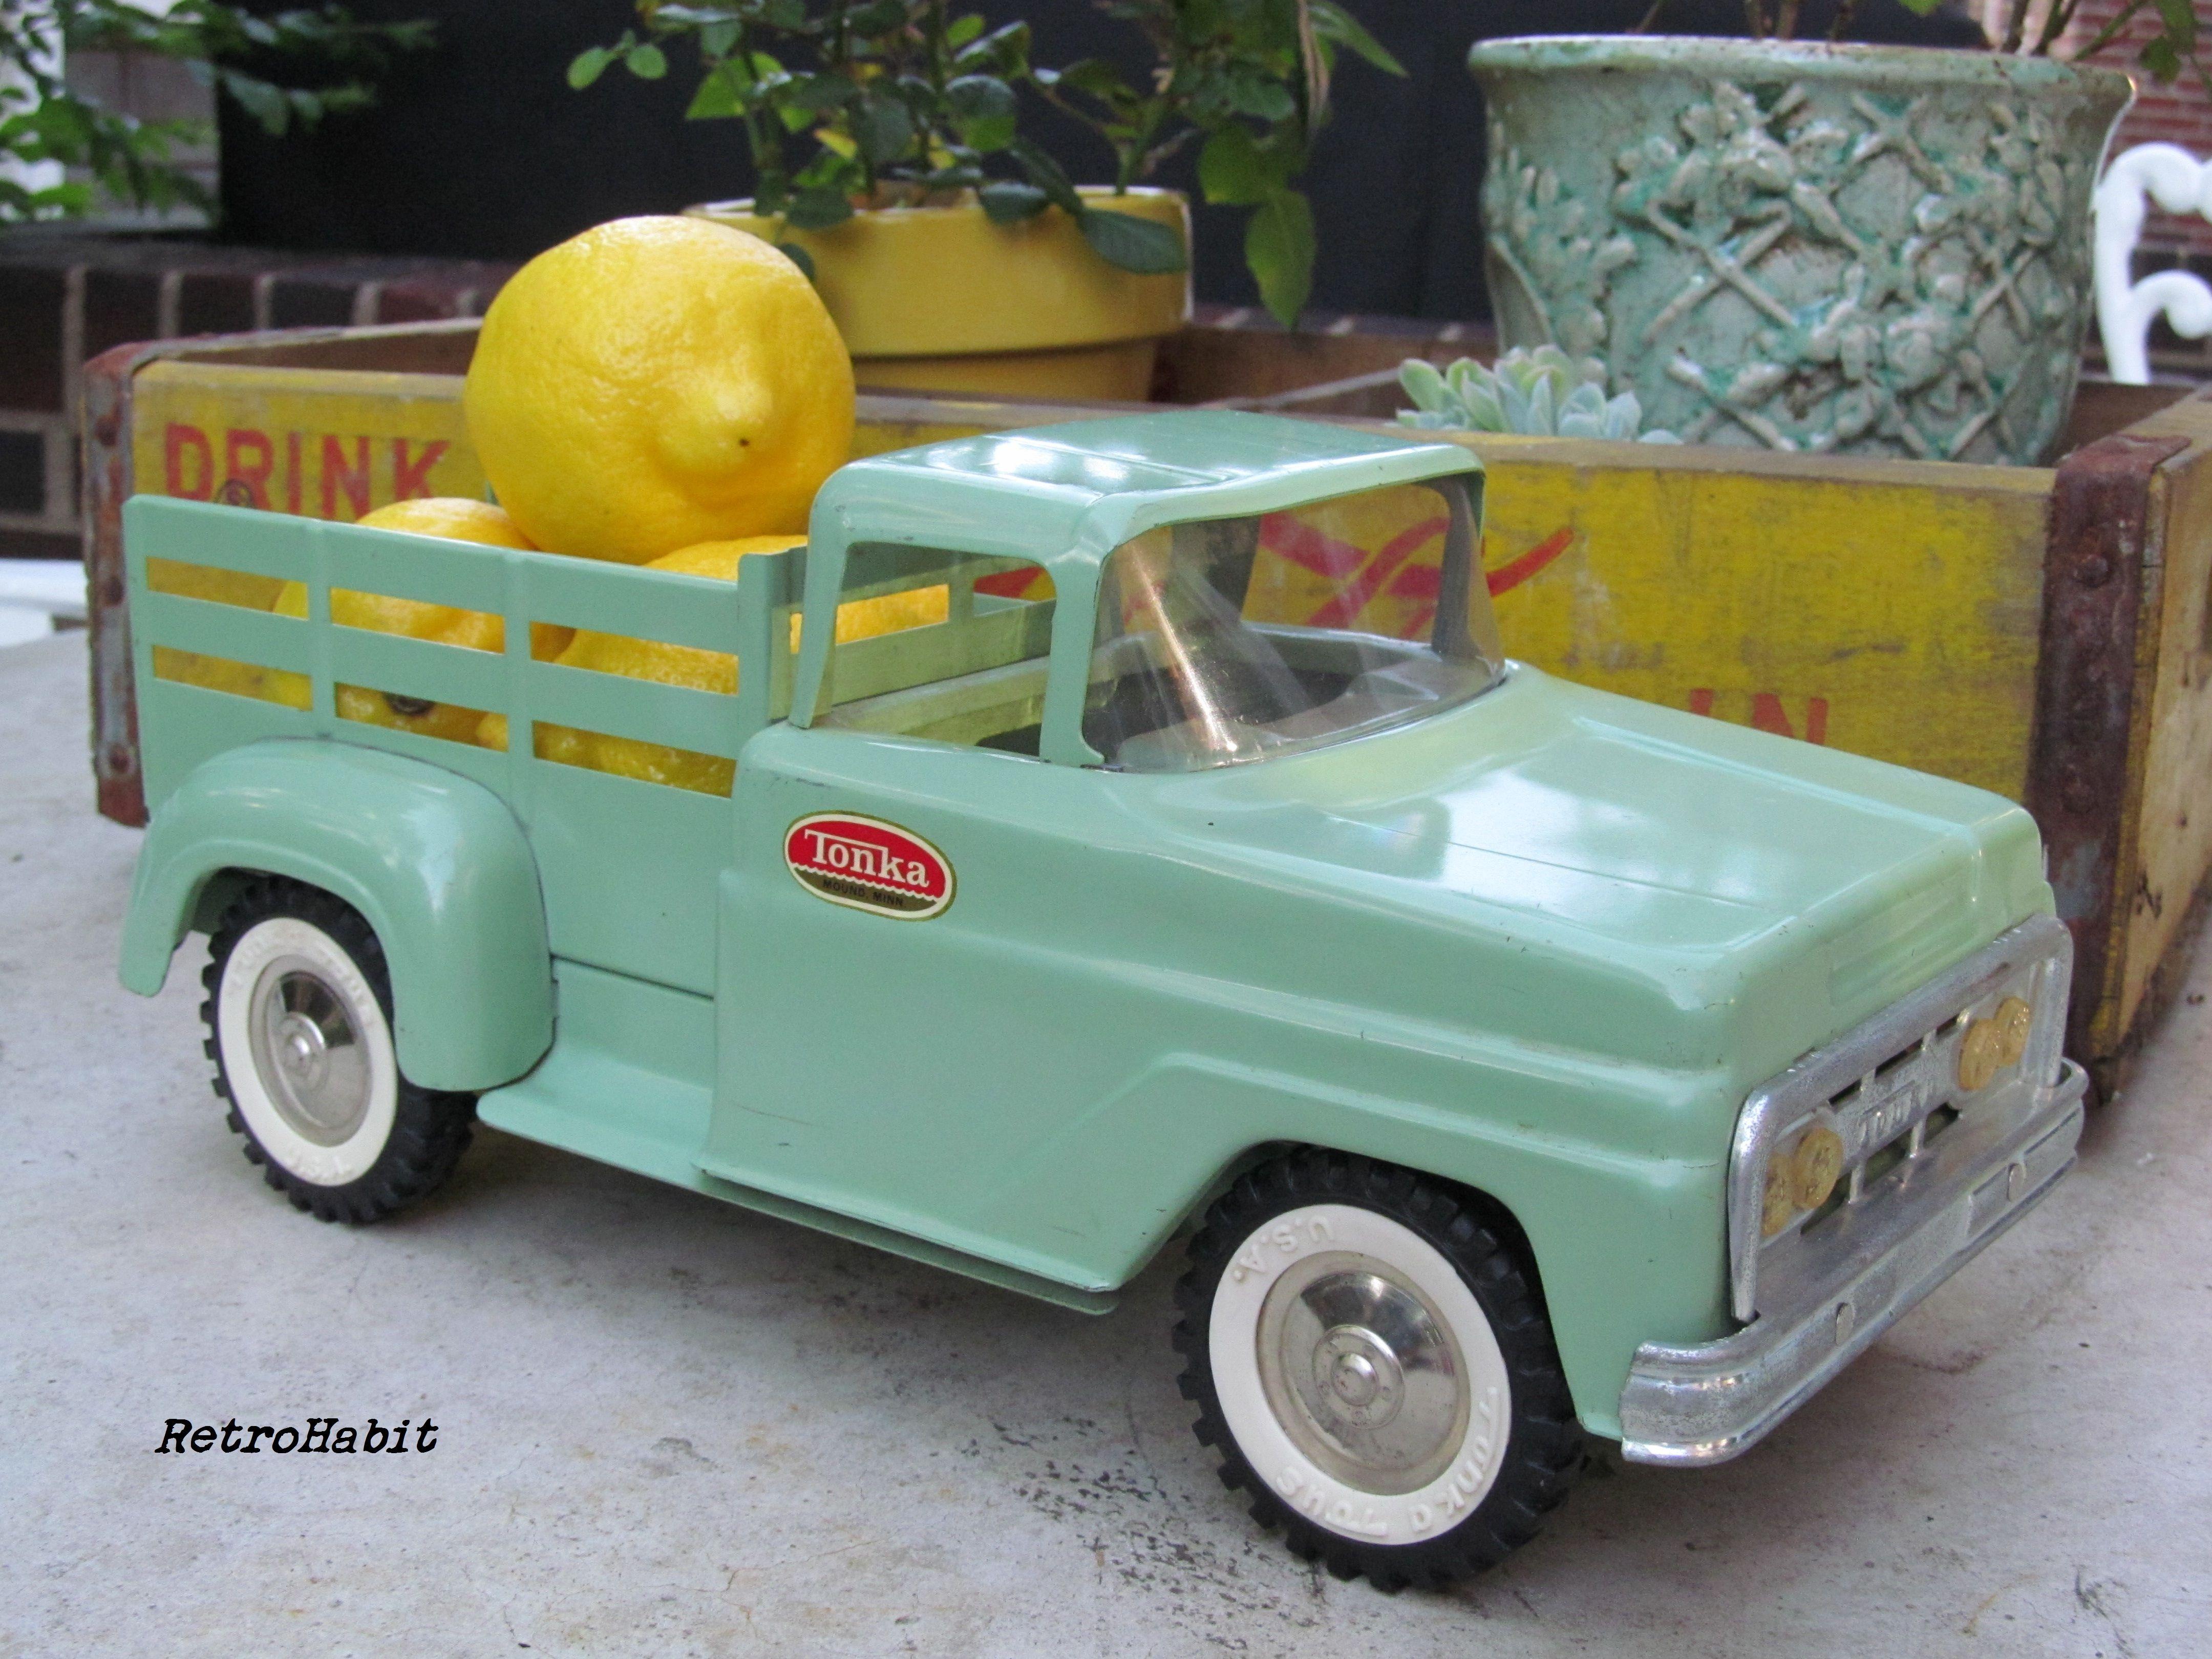 Vintage Toy Tonka Trucks Farmhouse Toys